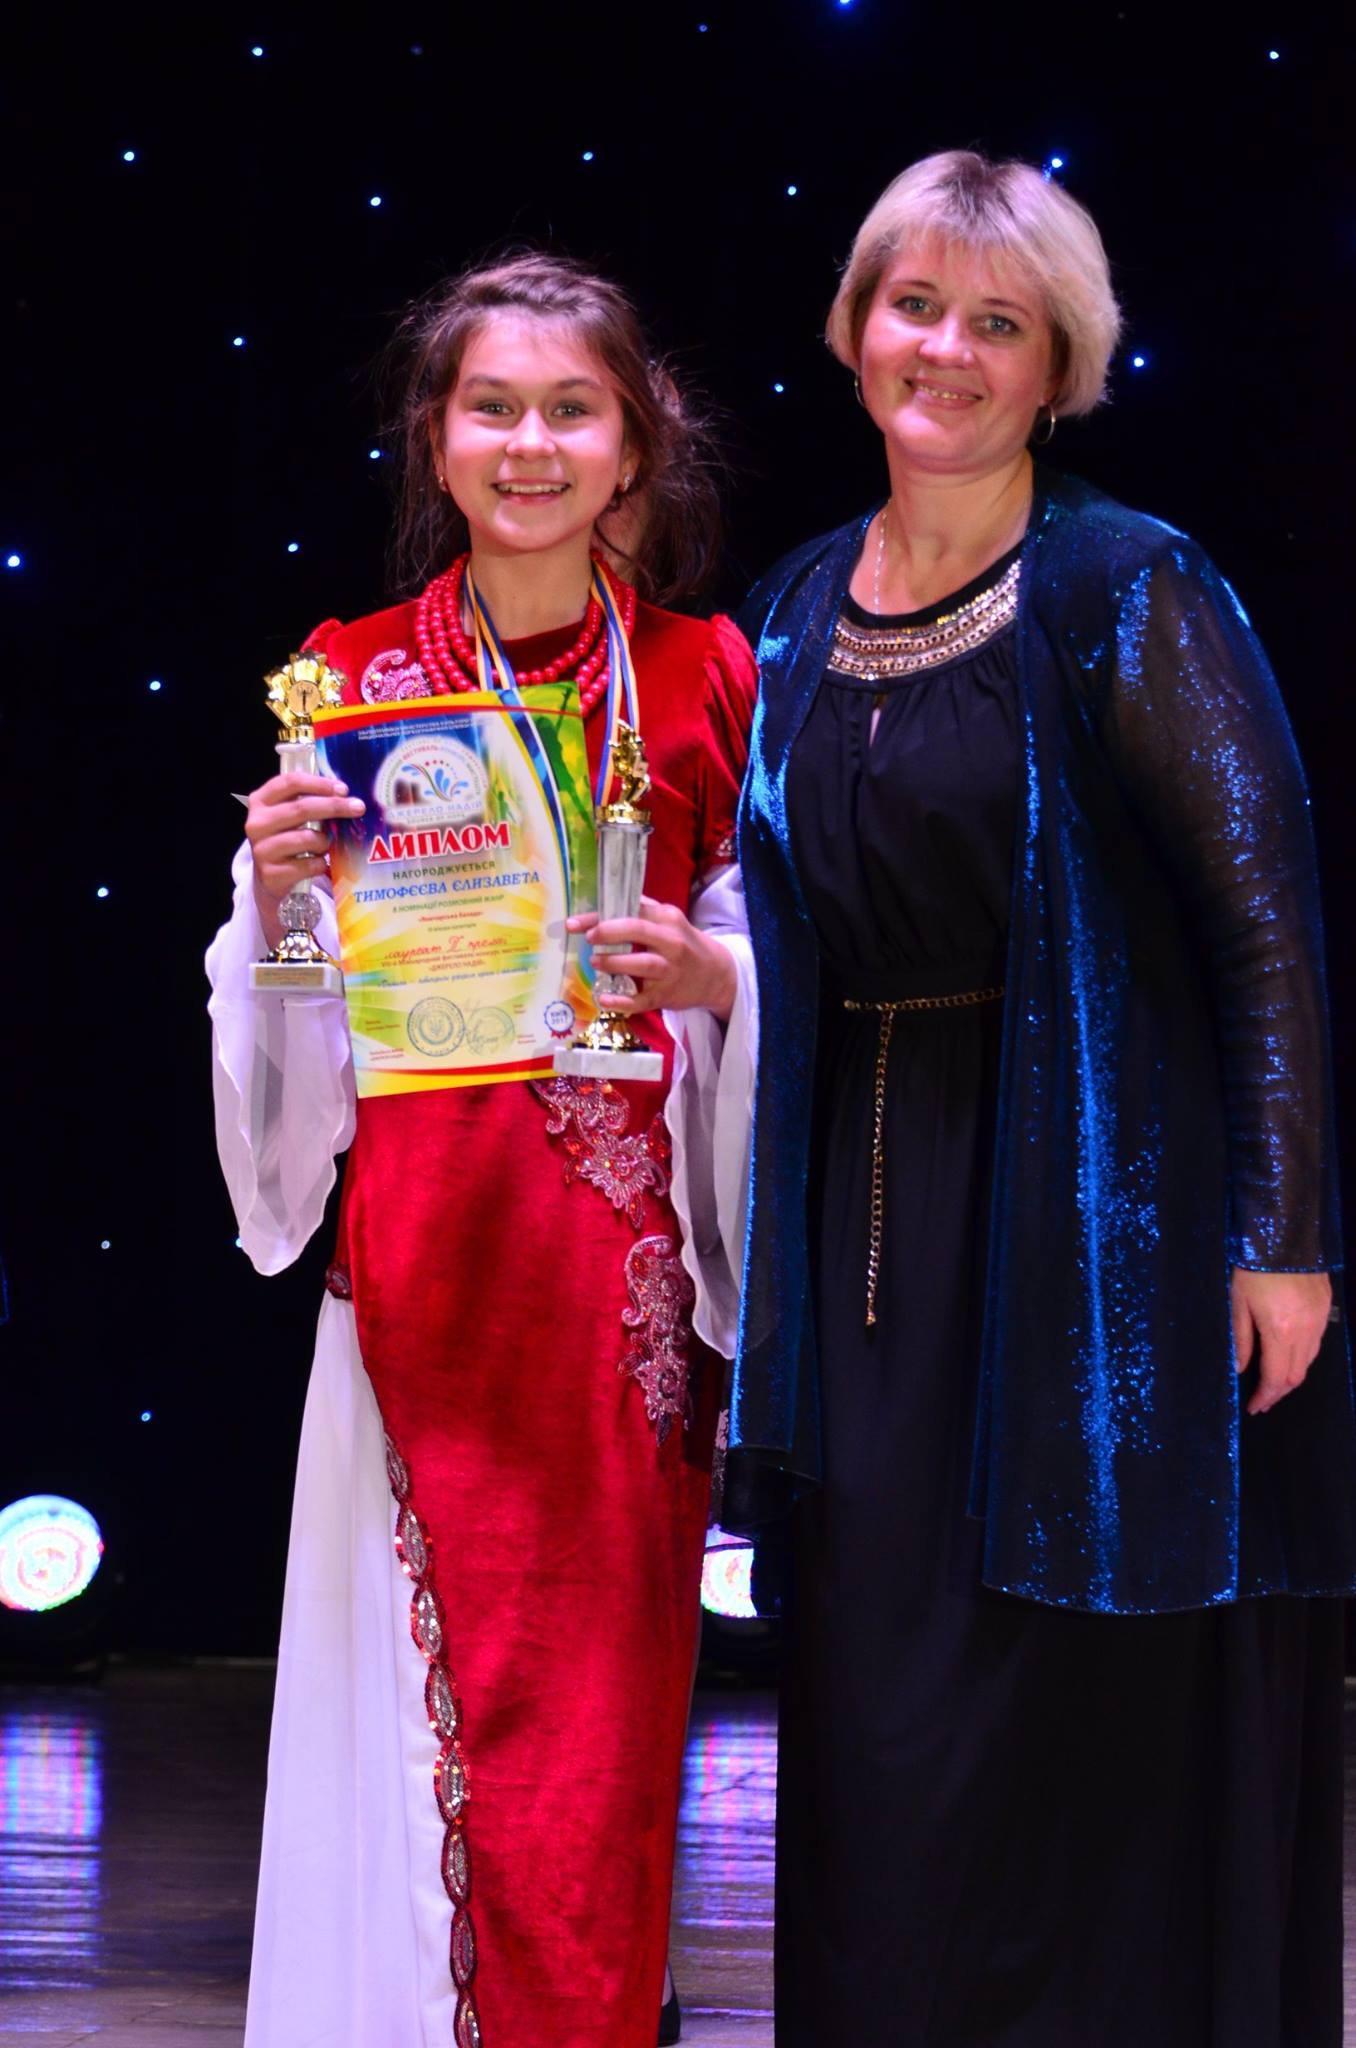 Учащаяся из Дружковки заняла второе место на международном фестивале искусств , фото-1